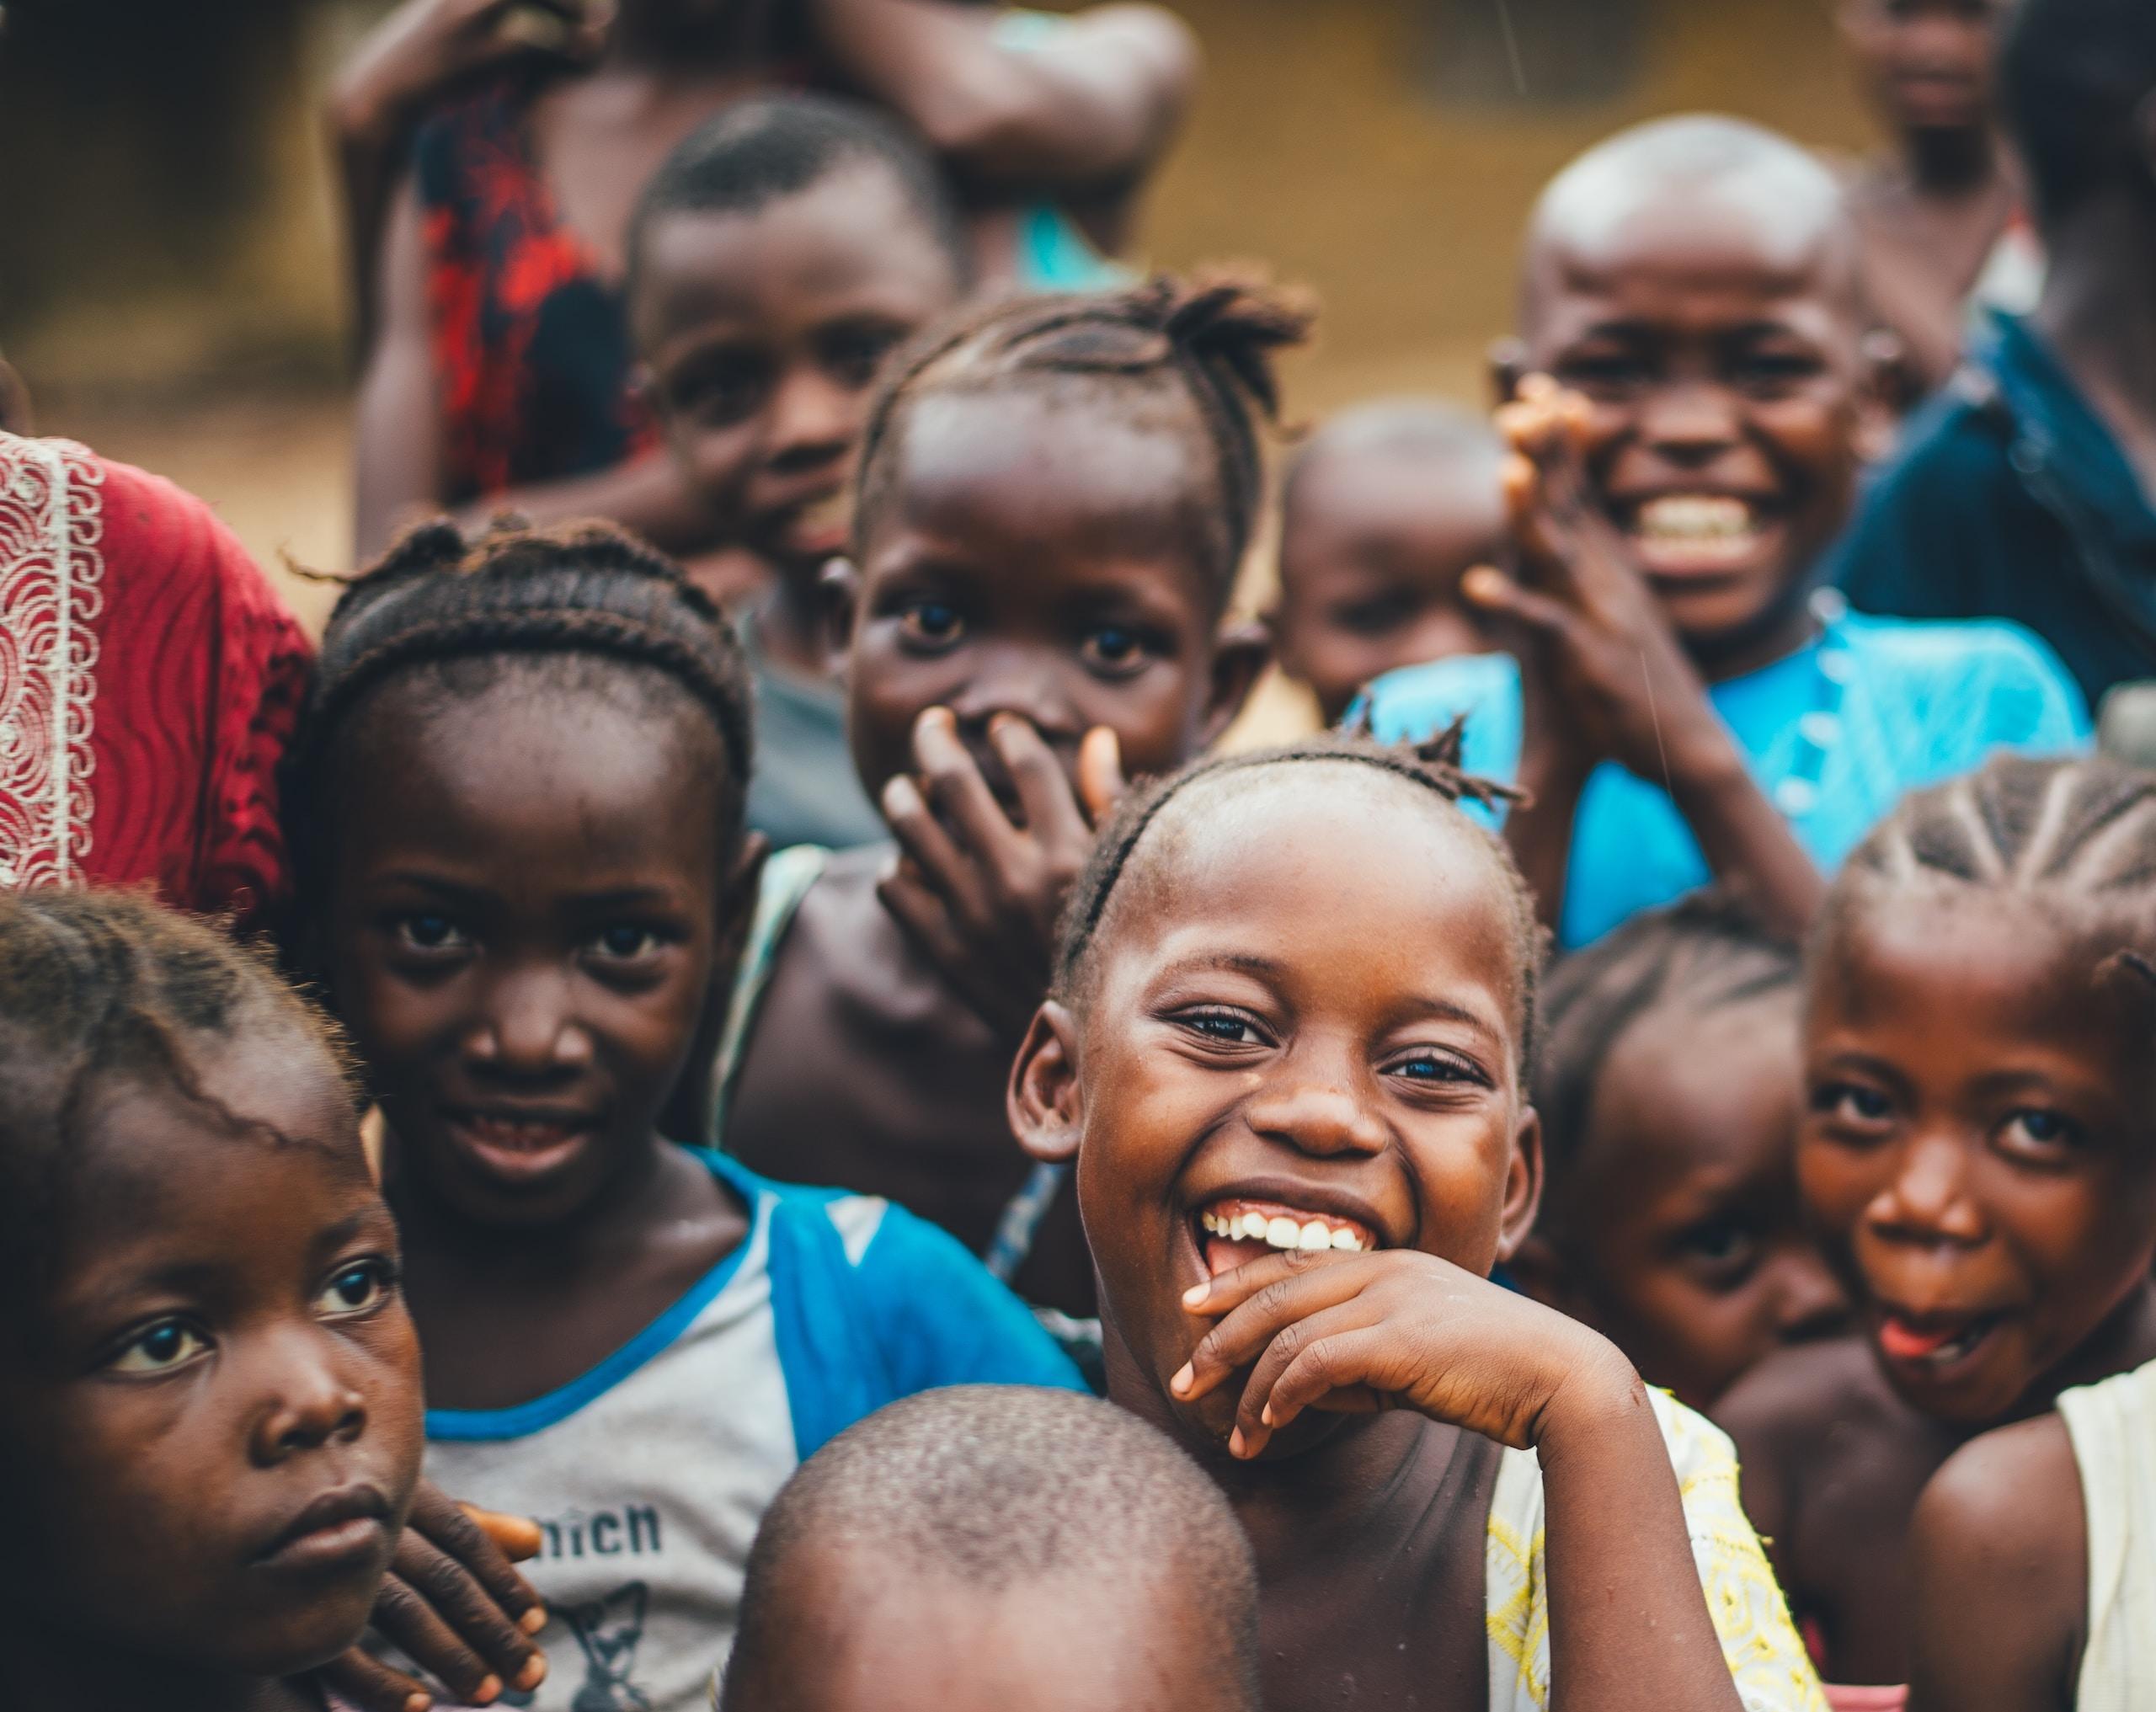 Skrattande barn i ett afrikanskt land